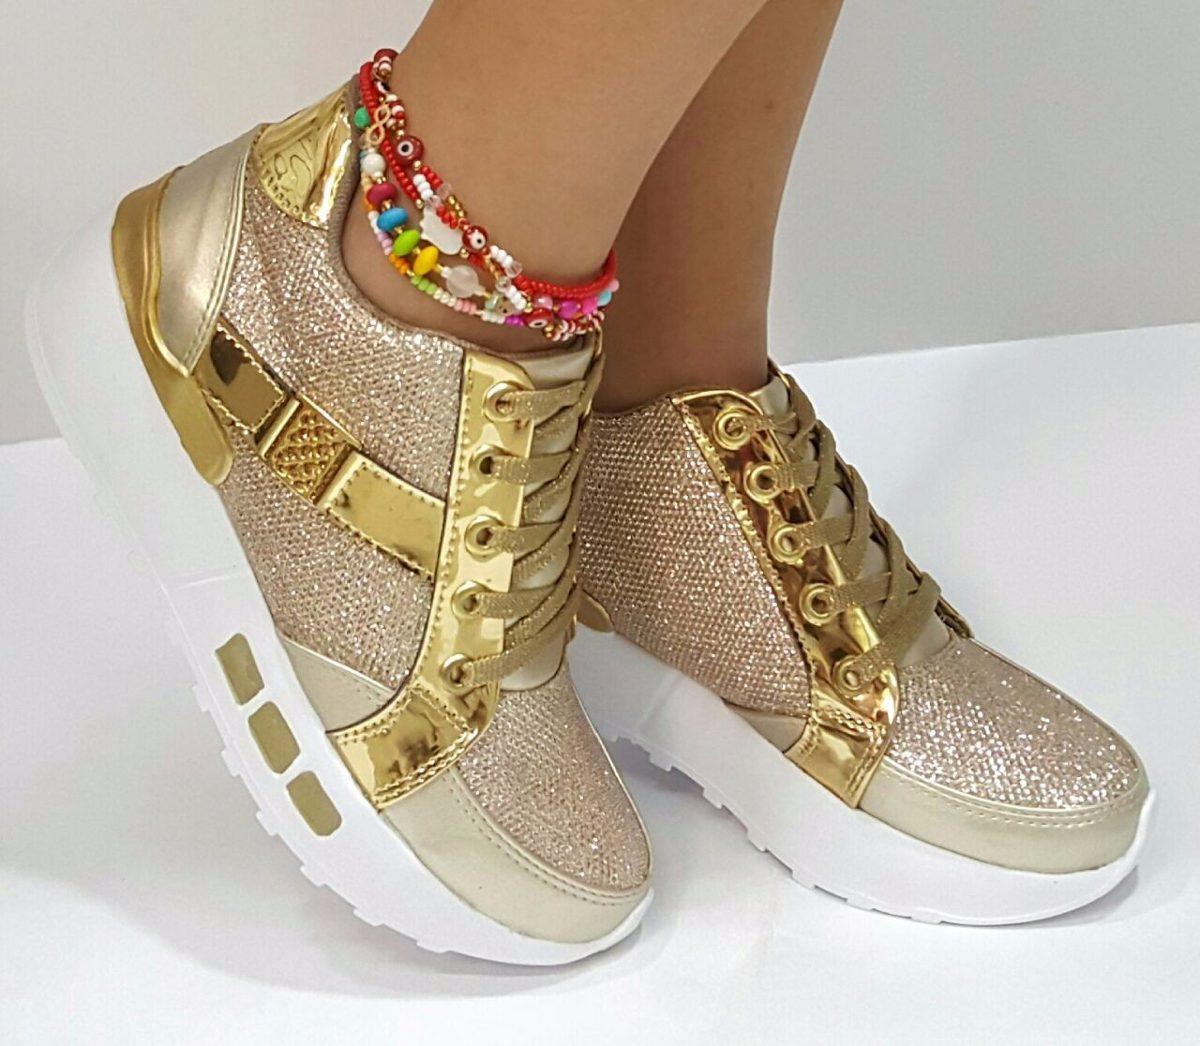 630a4d89 zapatos calzados dorado tenis dama mujer fabrica colombia. Cargando zoom.